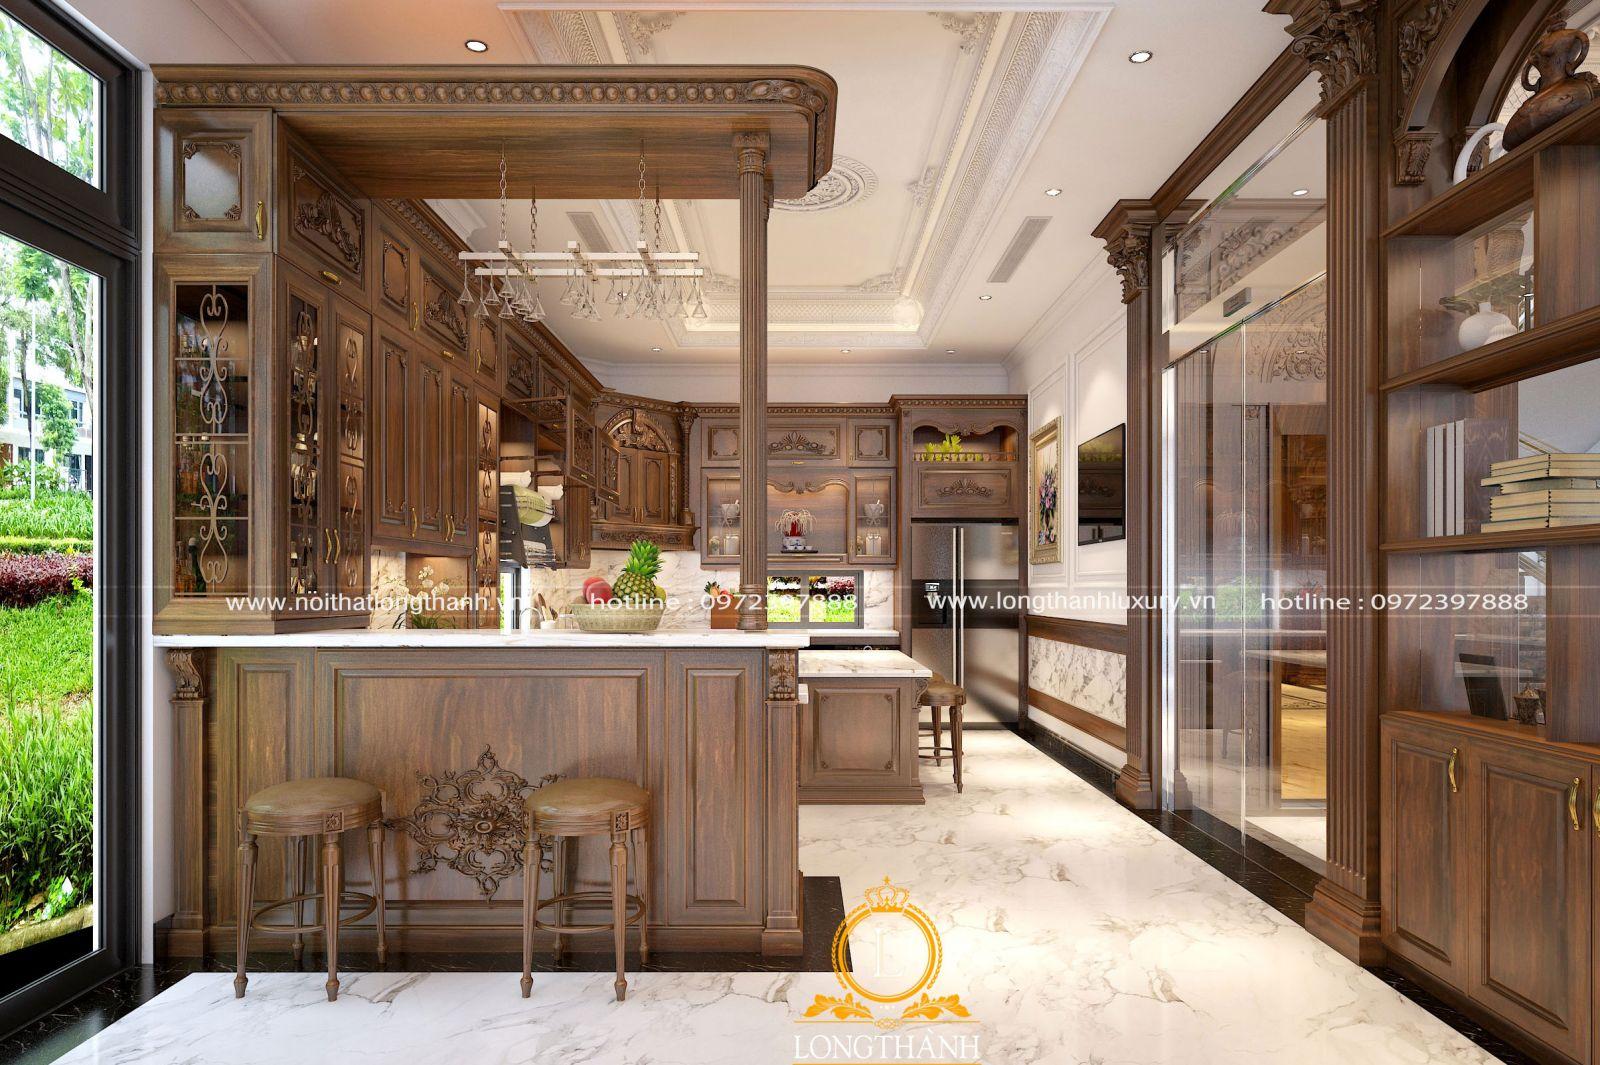 Tủ bếp gỗ tự nhiên kết hợp quầy bar sang trọng luôn là lựa chọn hoàn hảo cho không gian nhà biệt thự